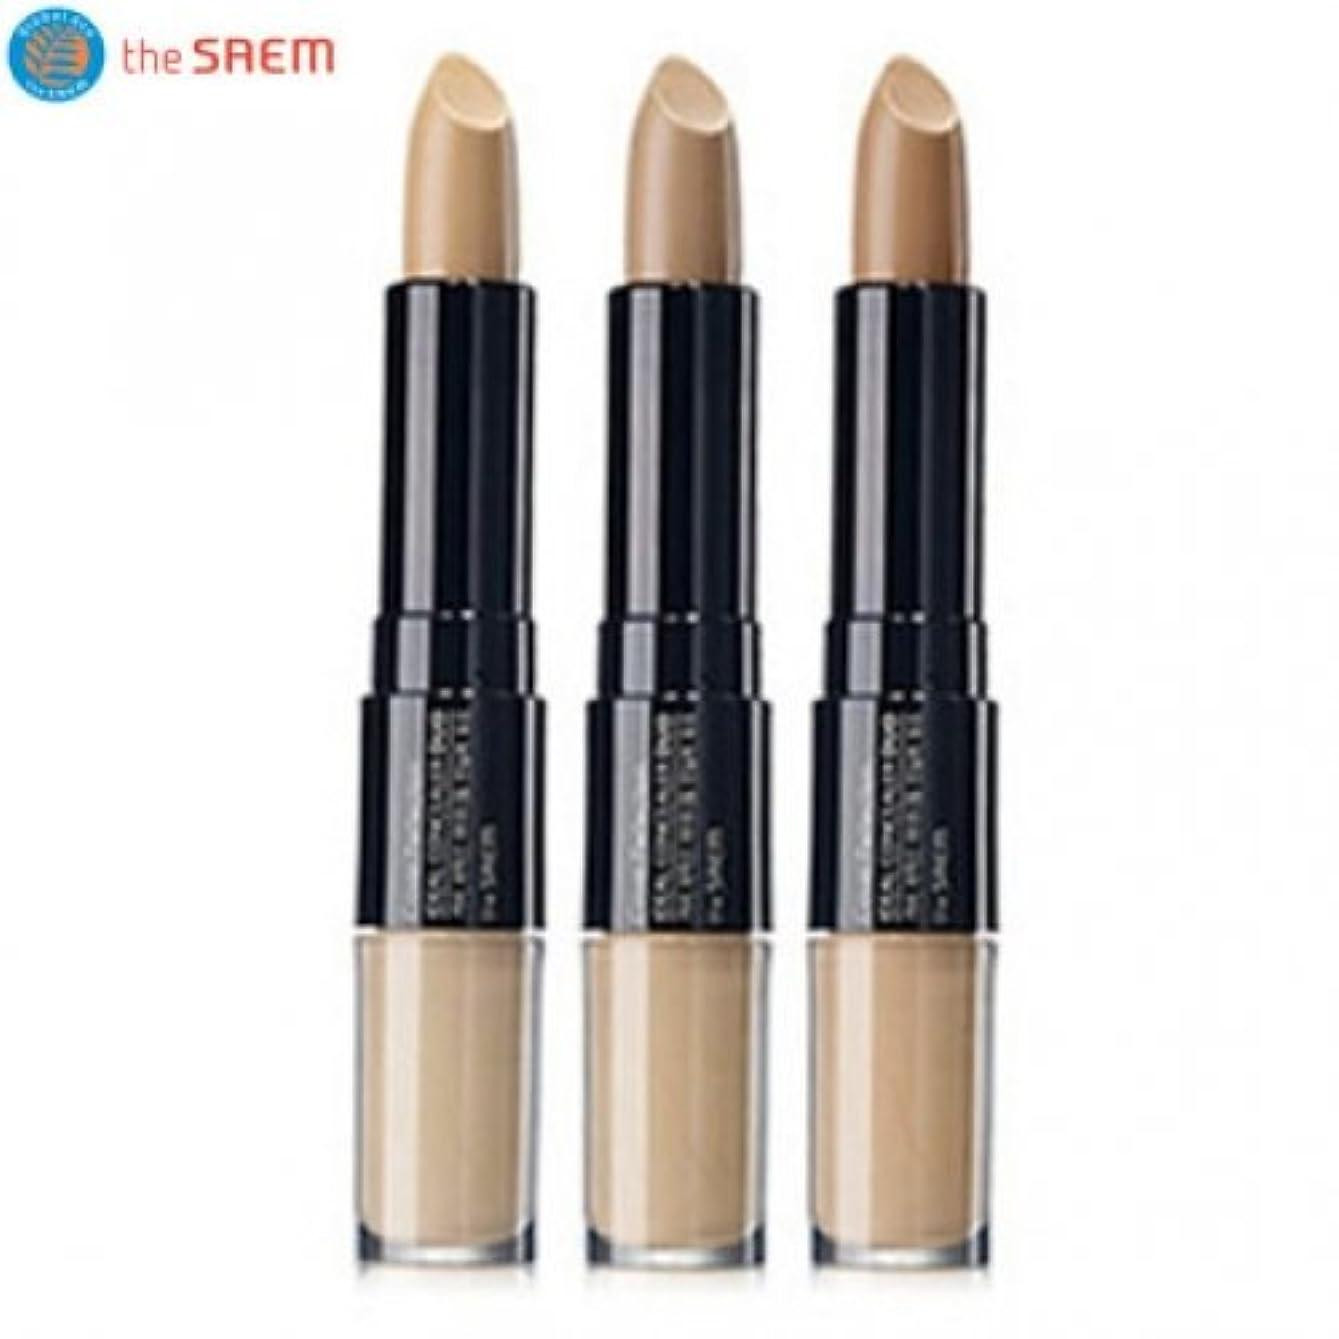 あなたのものシュリンクディスコザセム カバーパーフェクション アイディアル コンシーラー デュオ/(the saem ザセム) Cover Perfection Ideal Concealer Duo (4.2g+4.5g) 3 Color (#1 Clear Beige) [並行輸入品]